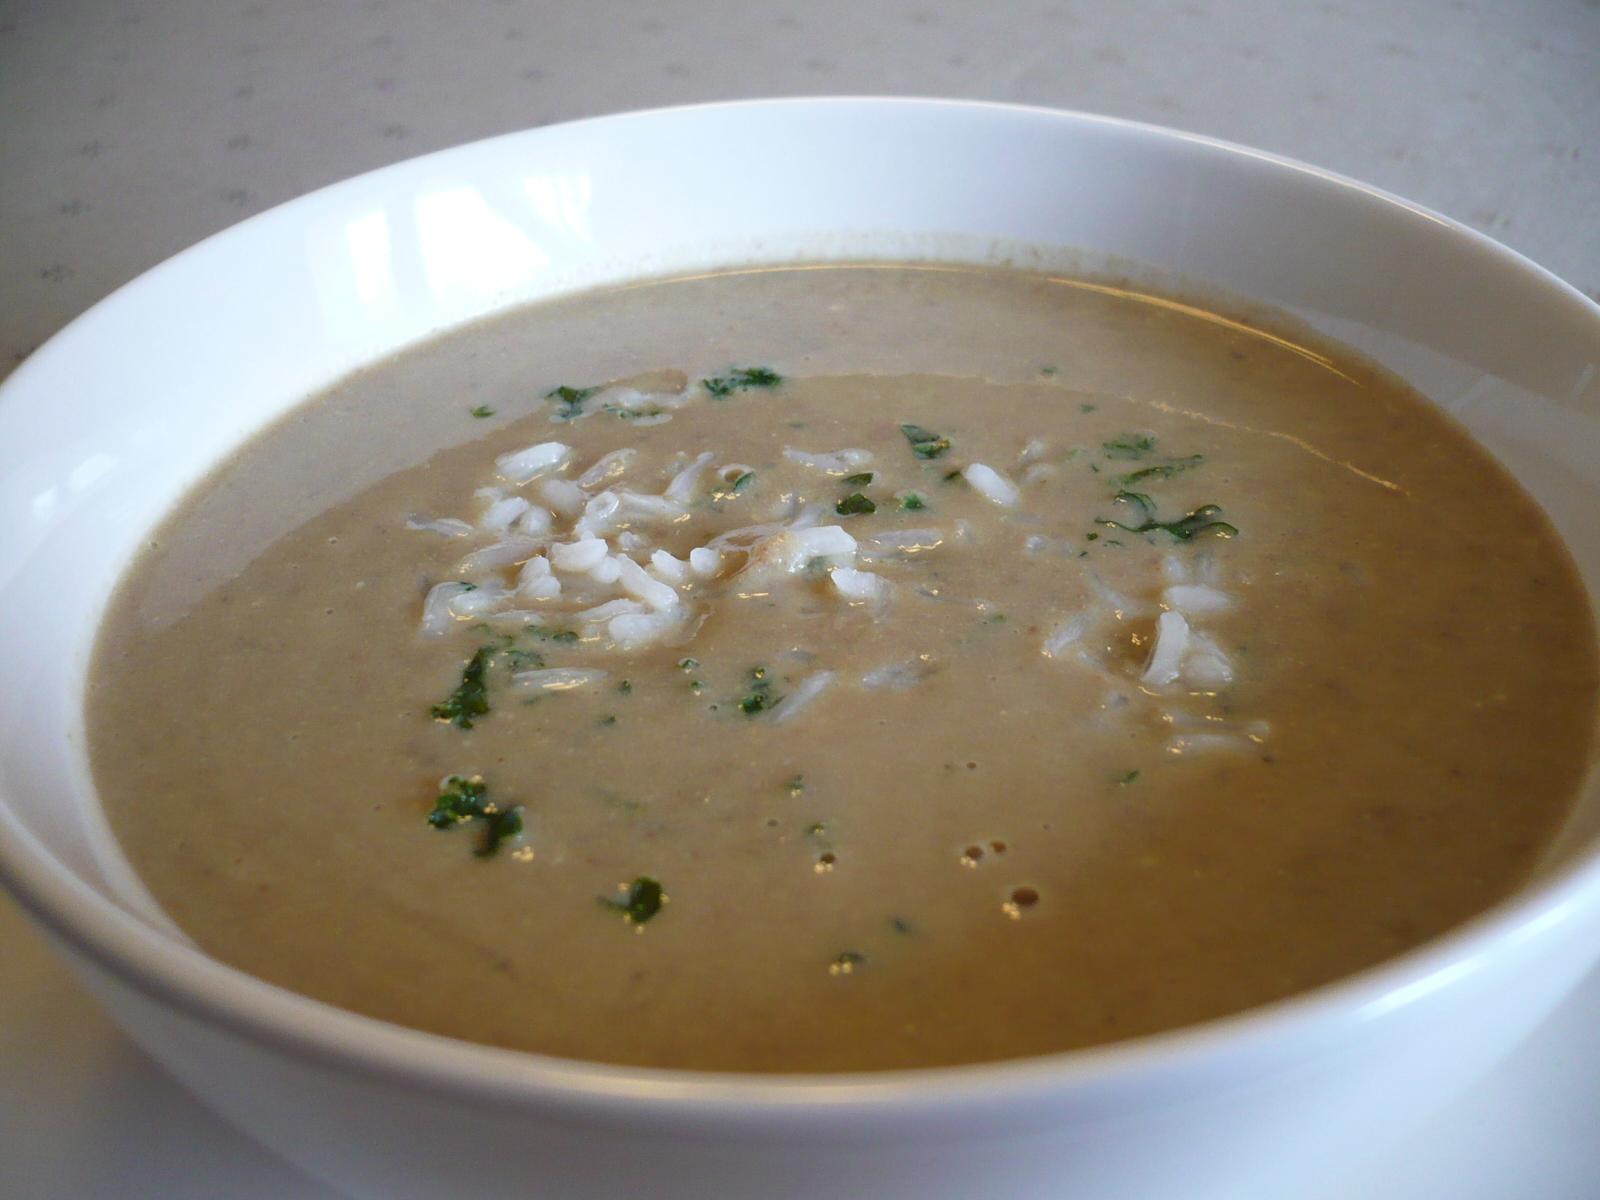 Játrová polévka s rýží